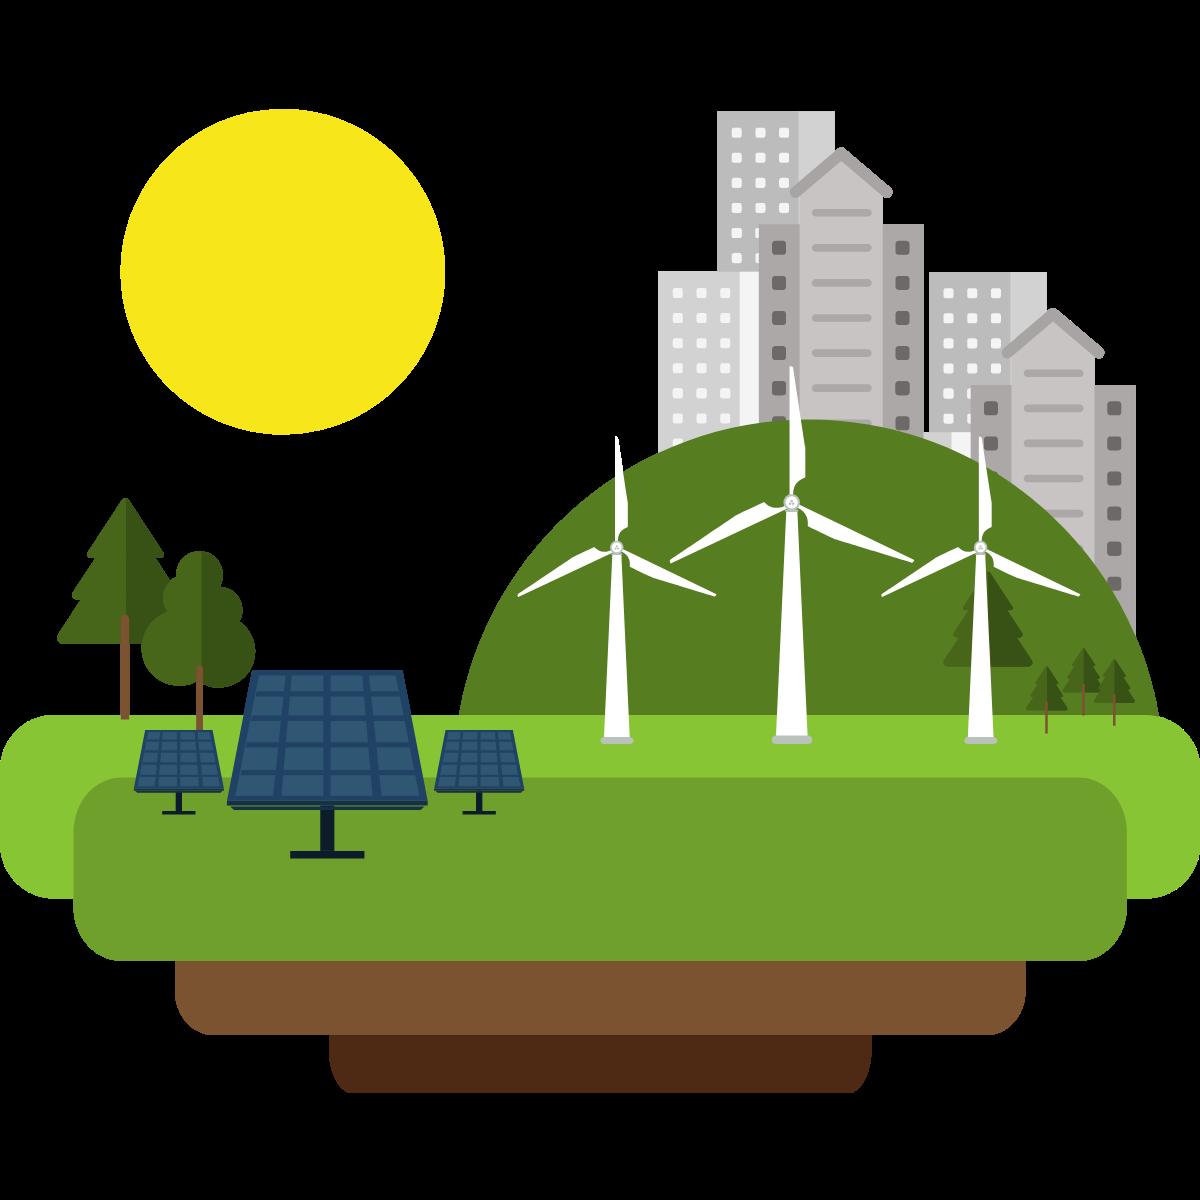 Construção sustentável